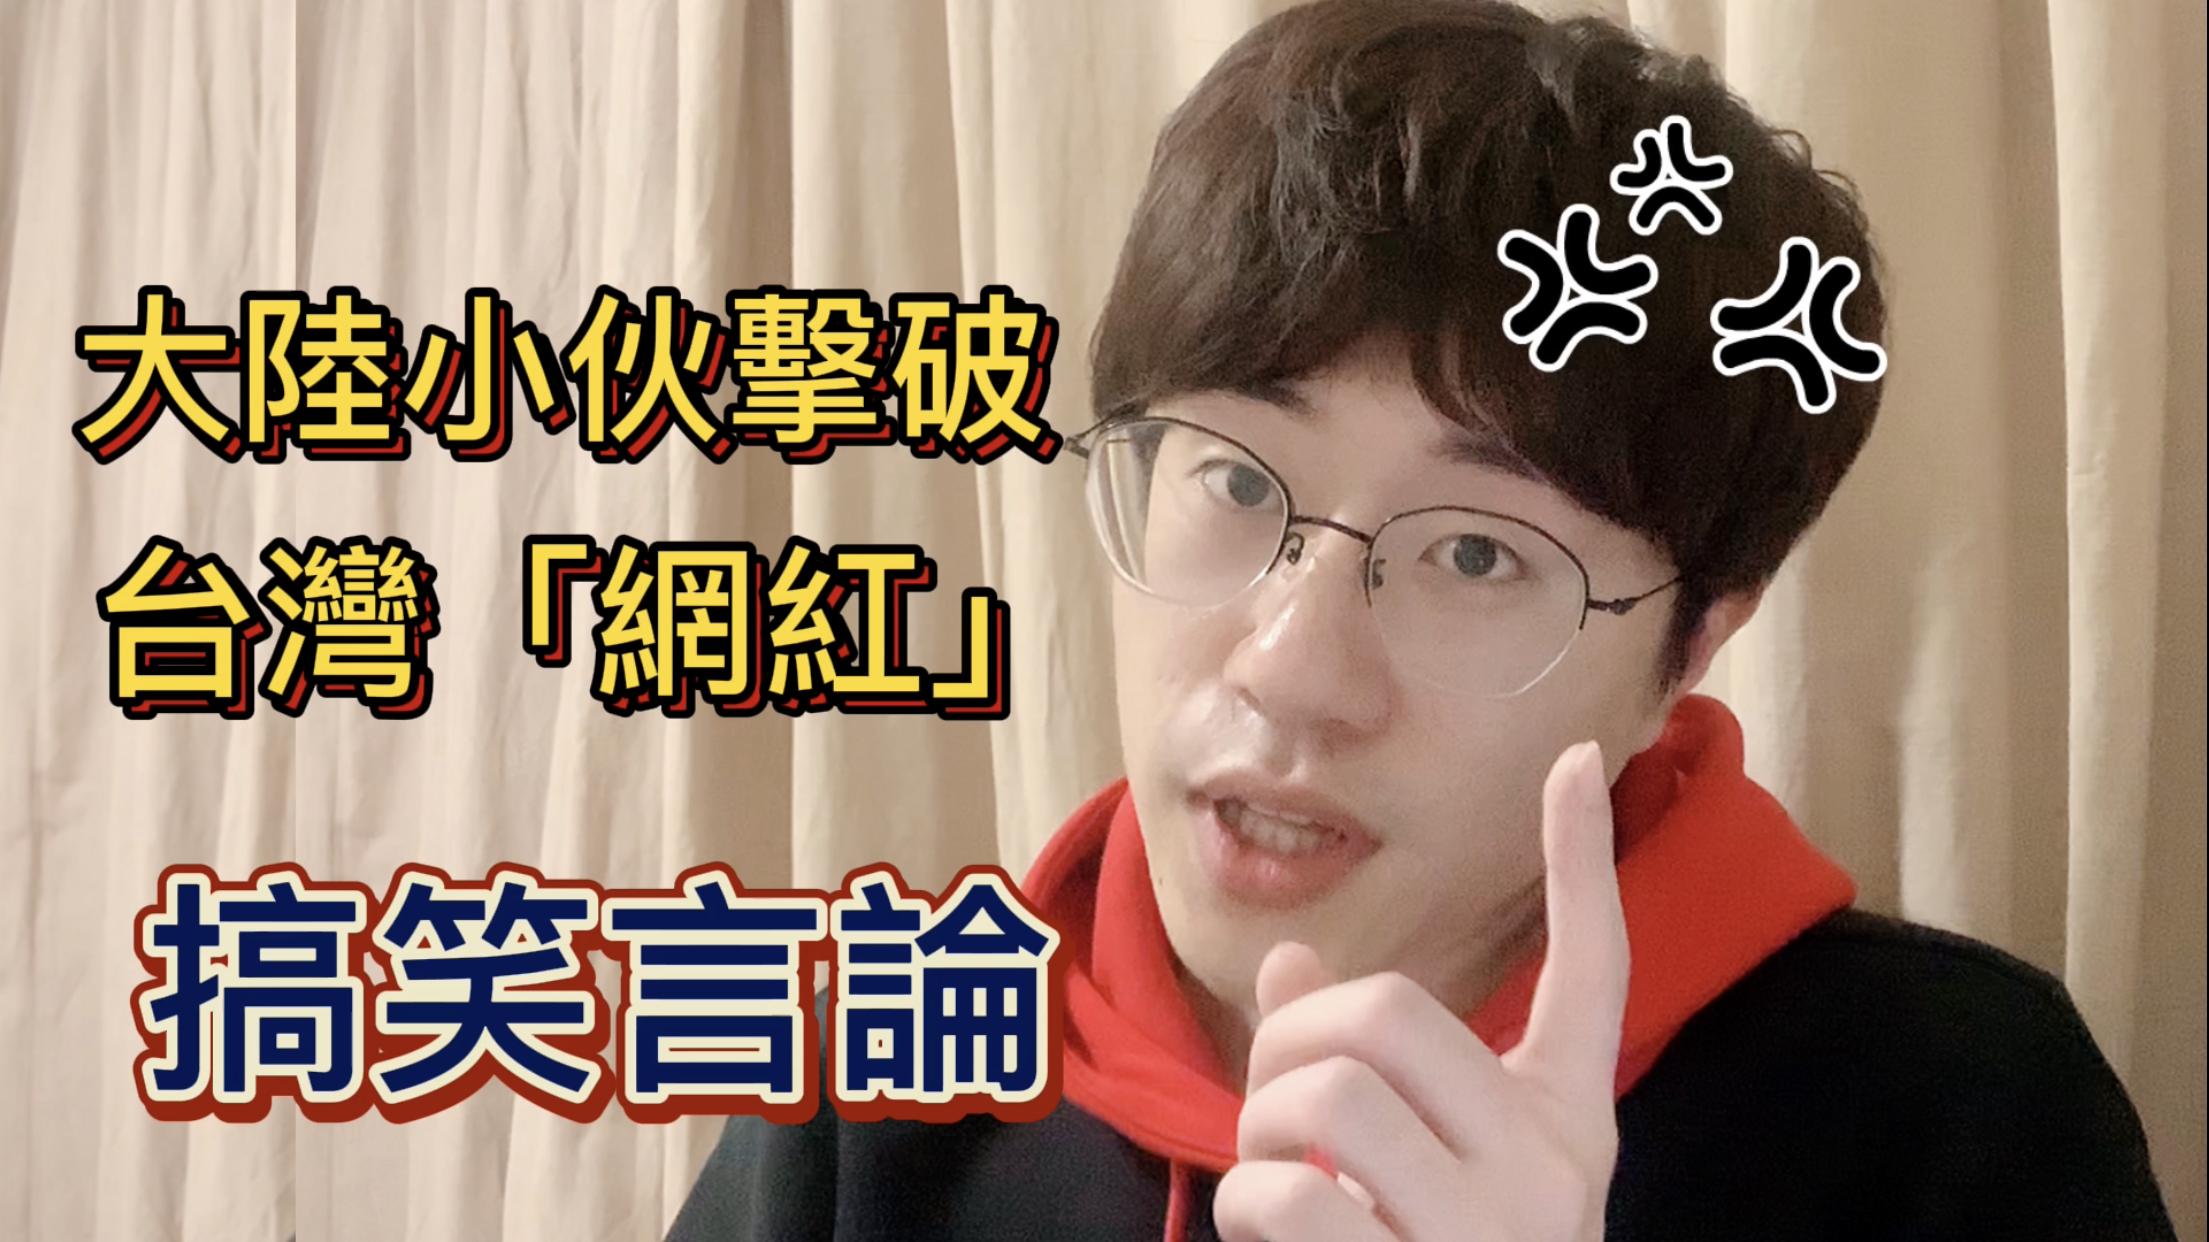 """这就是你的""""漂亮的反击""""?大陆小伙击破台湾""""网红""""搞笑言论图片"""